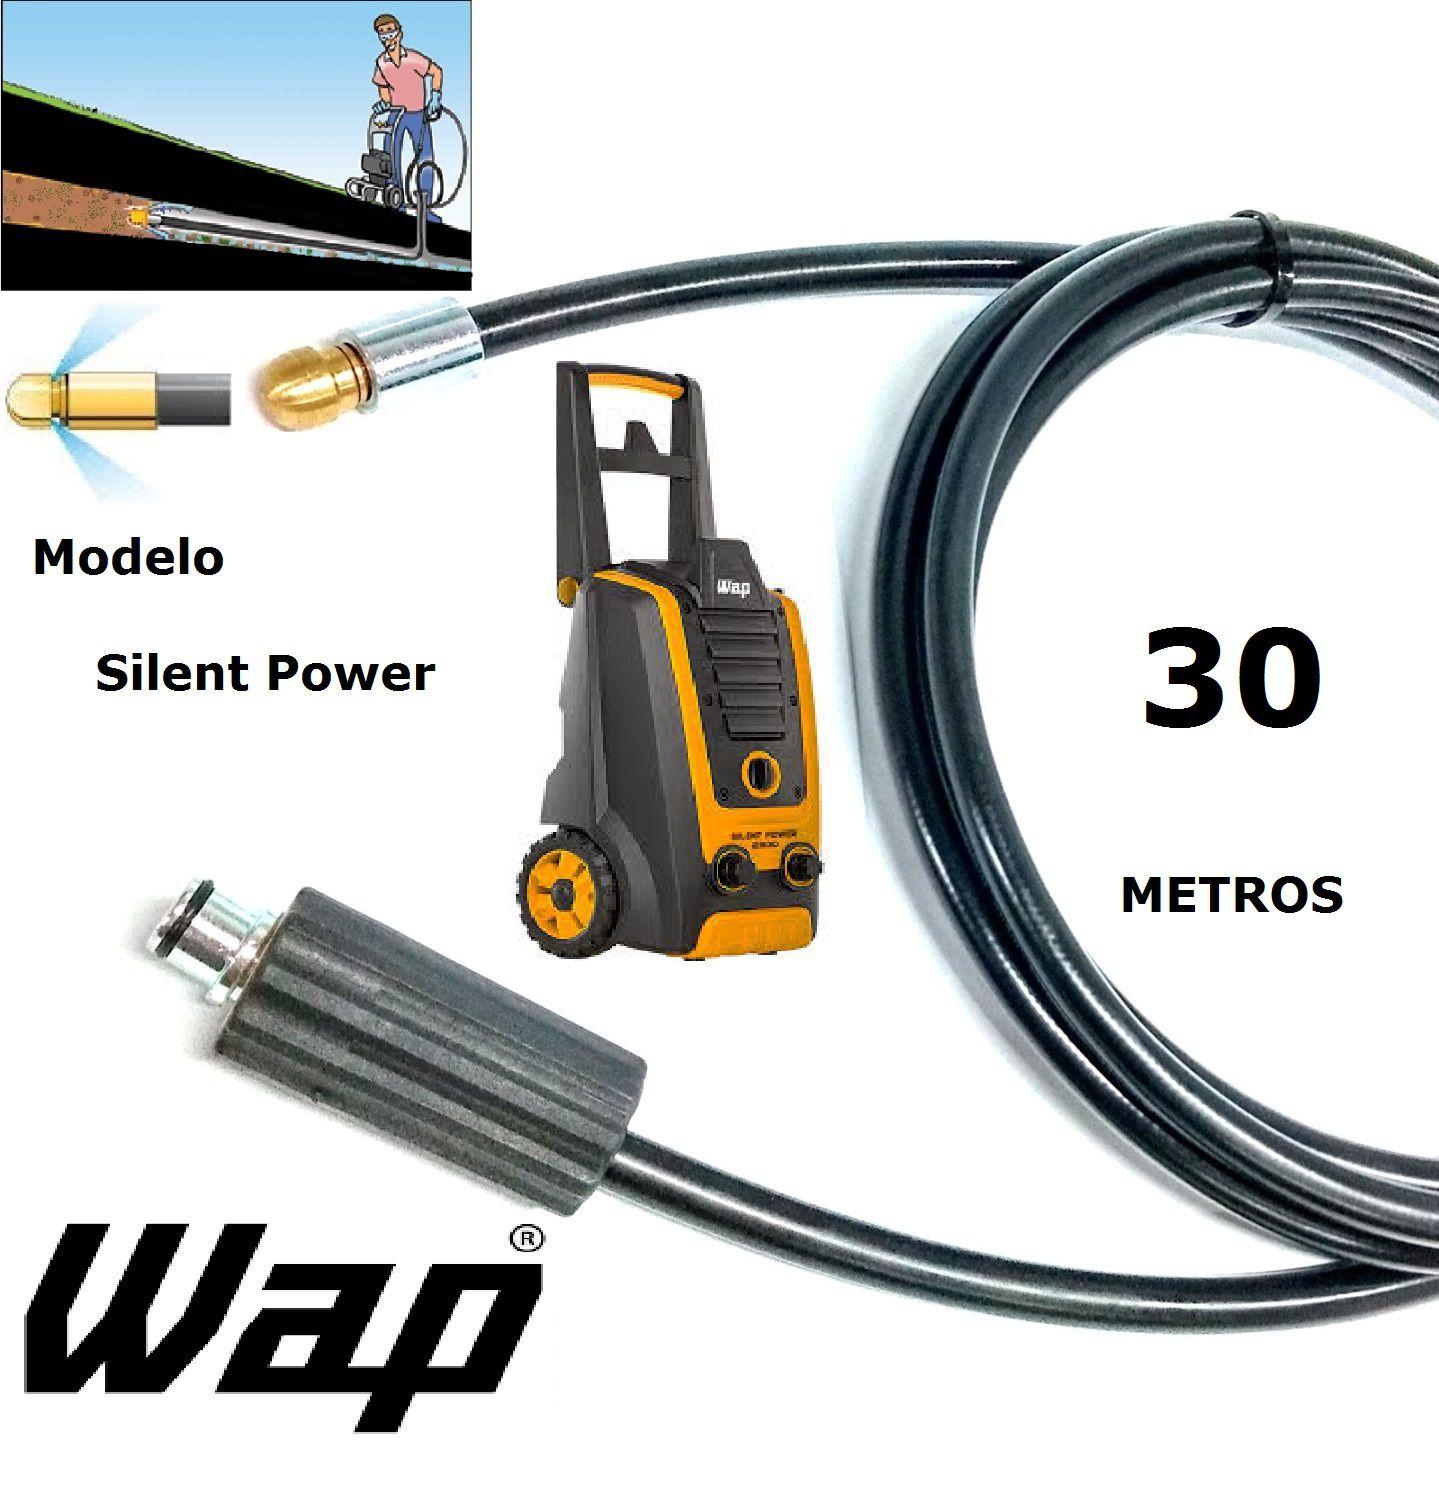 Mangueira desentupidora de tubulação WAP - 30 Metros - Wap SILENT POWER